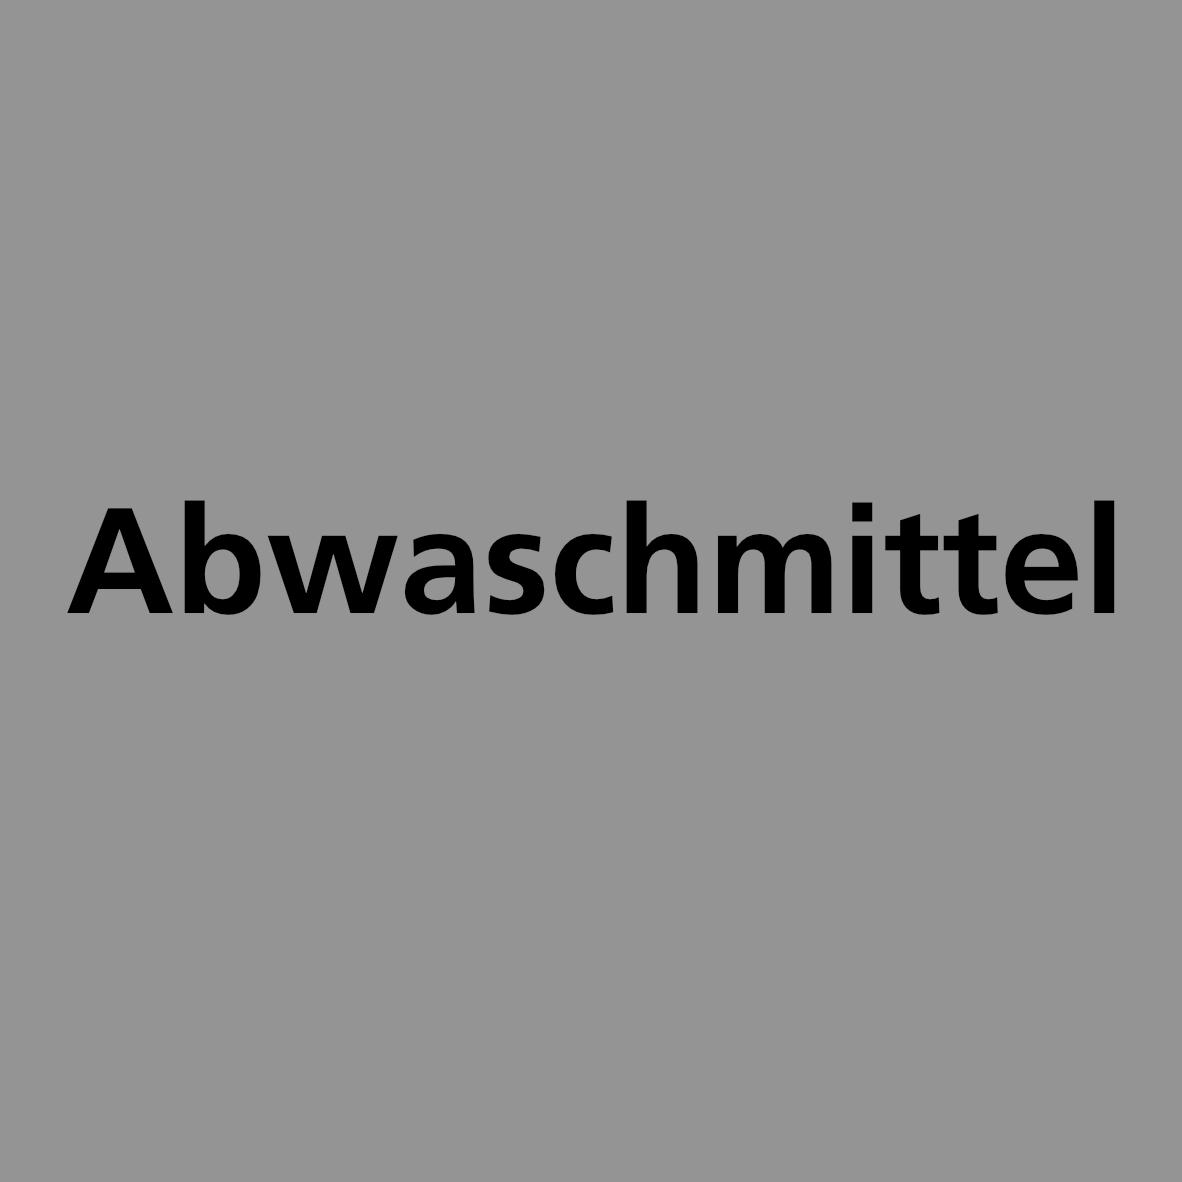 Abwaschmittel, waste-art Georg Marbet